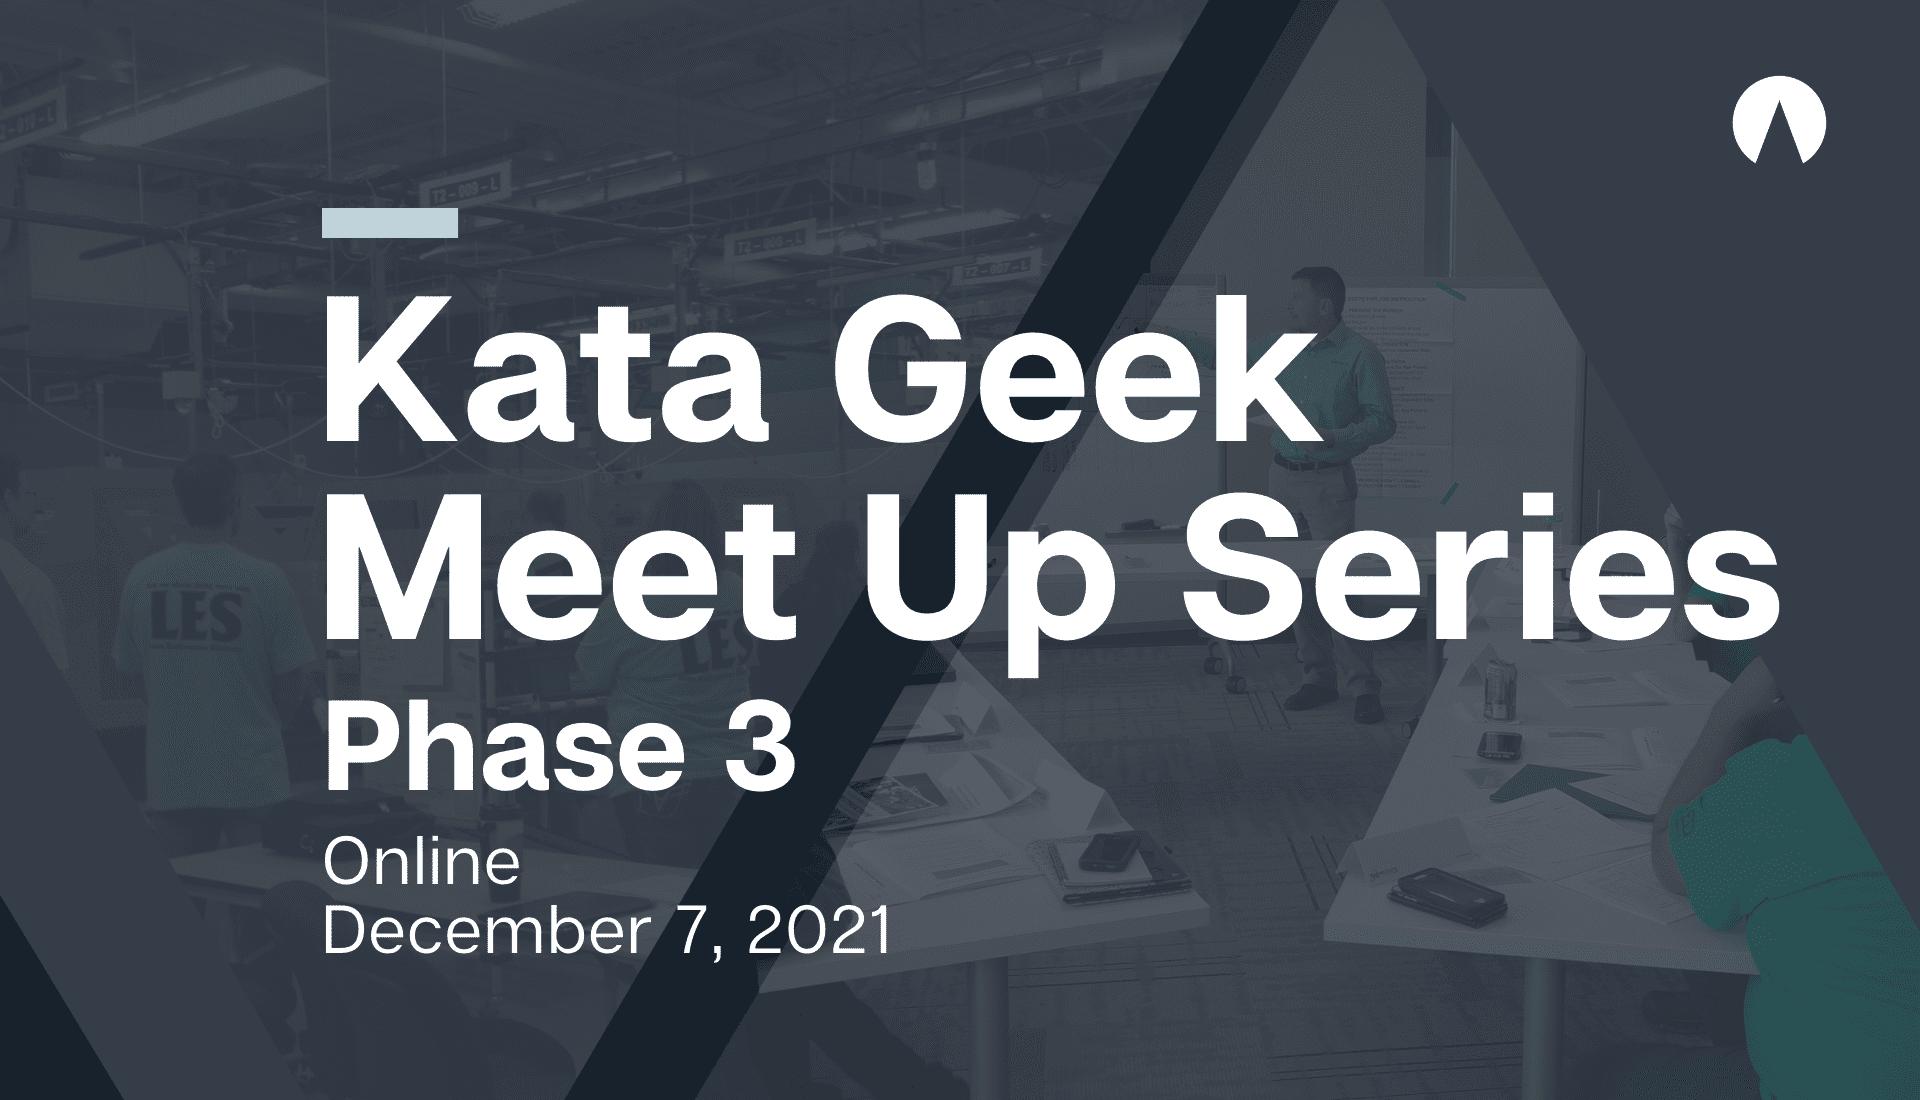 Kata Geek Meet Up Series: Phase 3